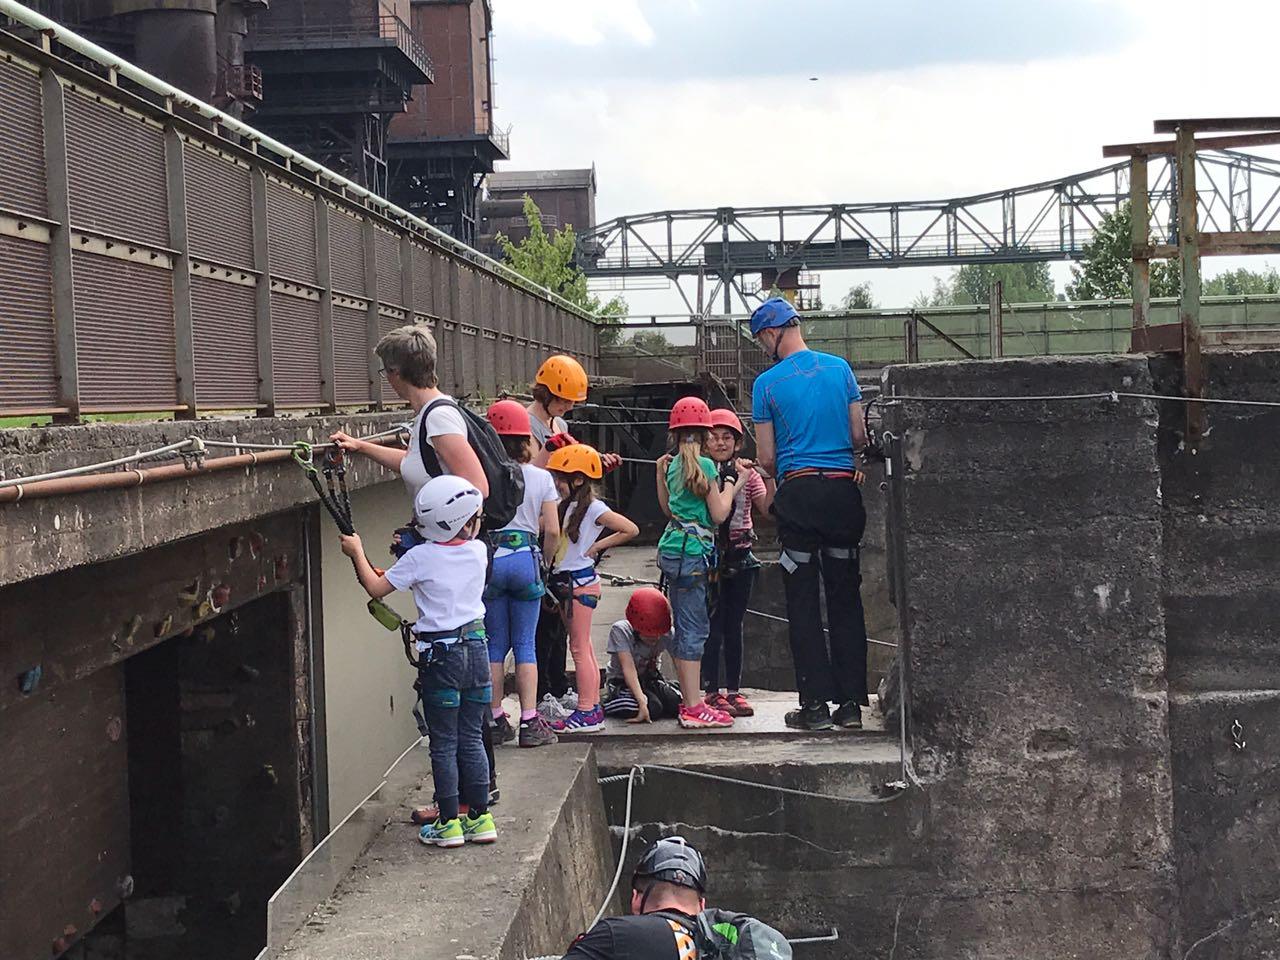 Klettersteig Duisburg : Die kürzeste seilrutsche der welt u orpierre jdav duisburg